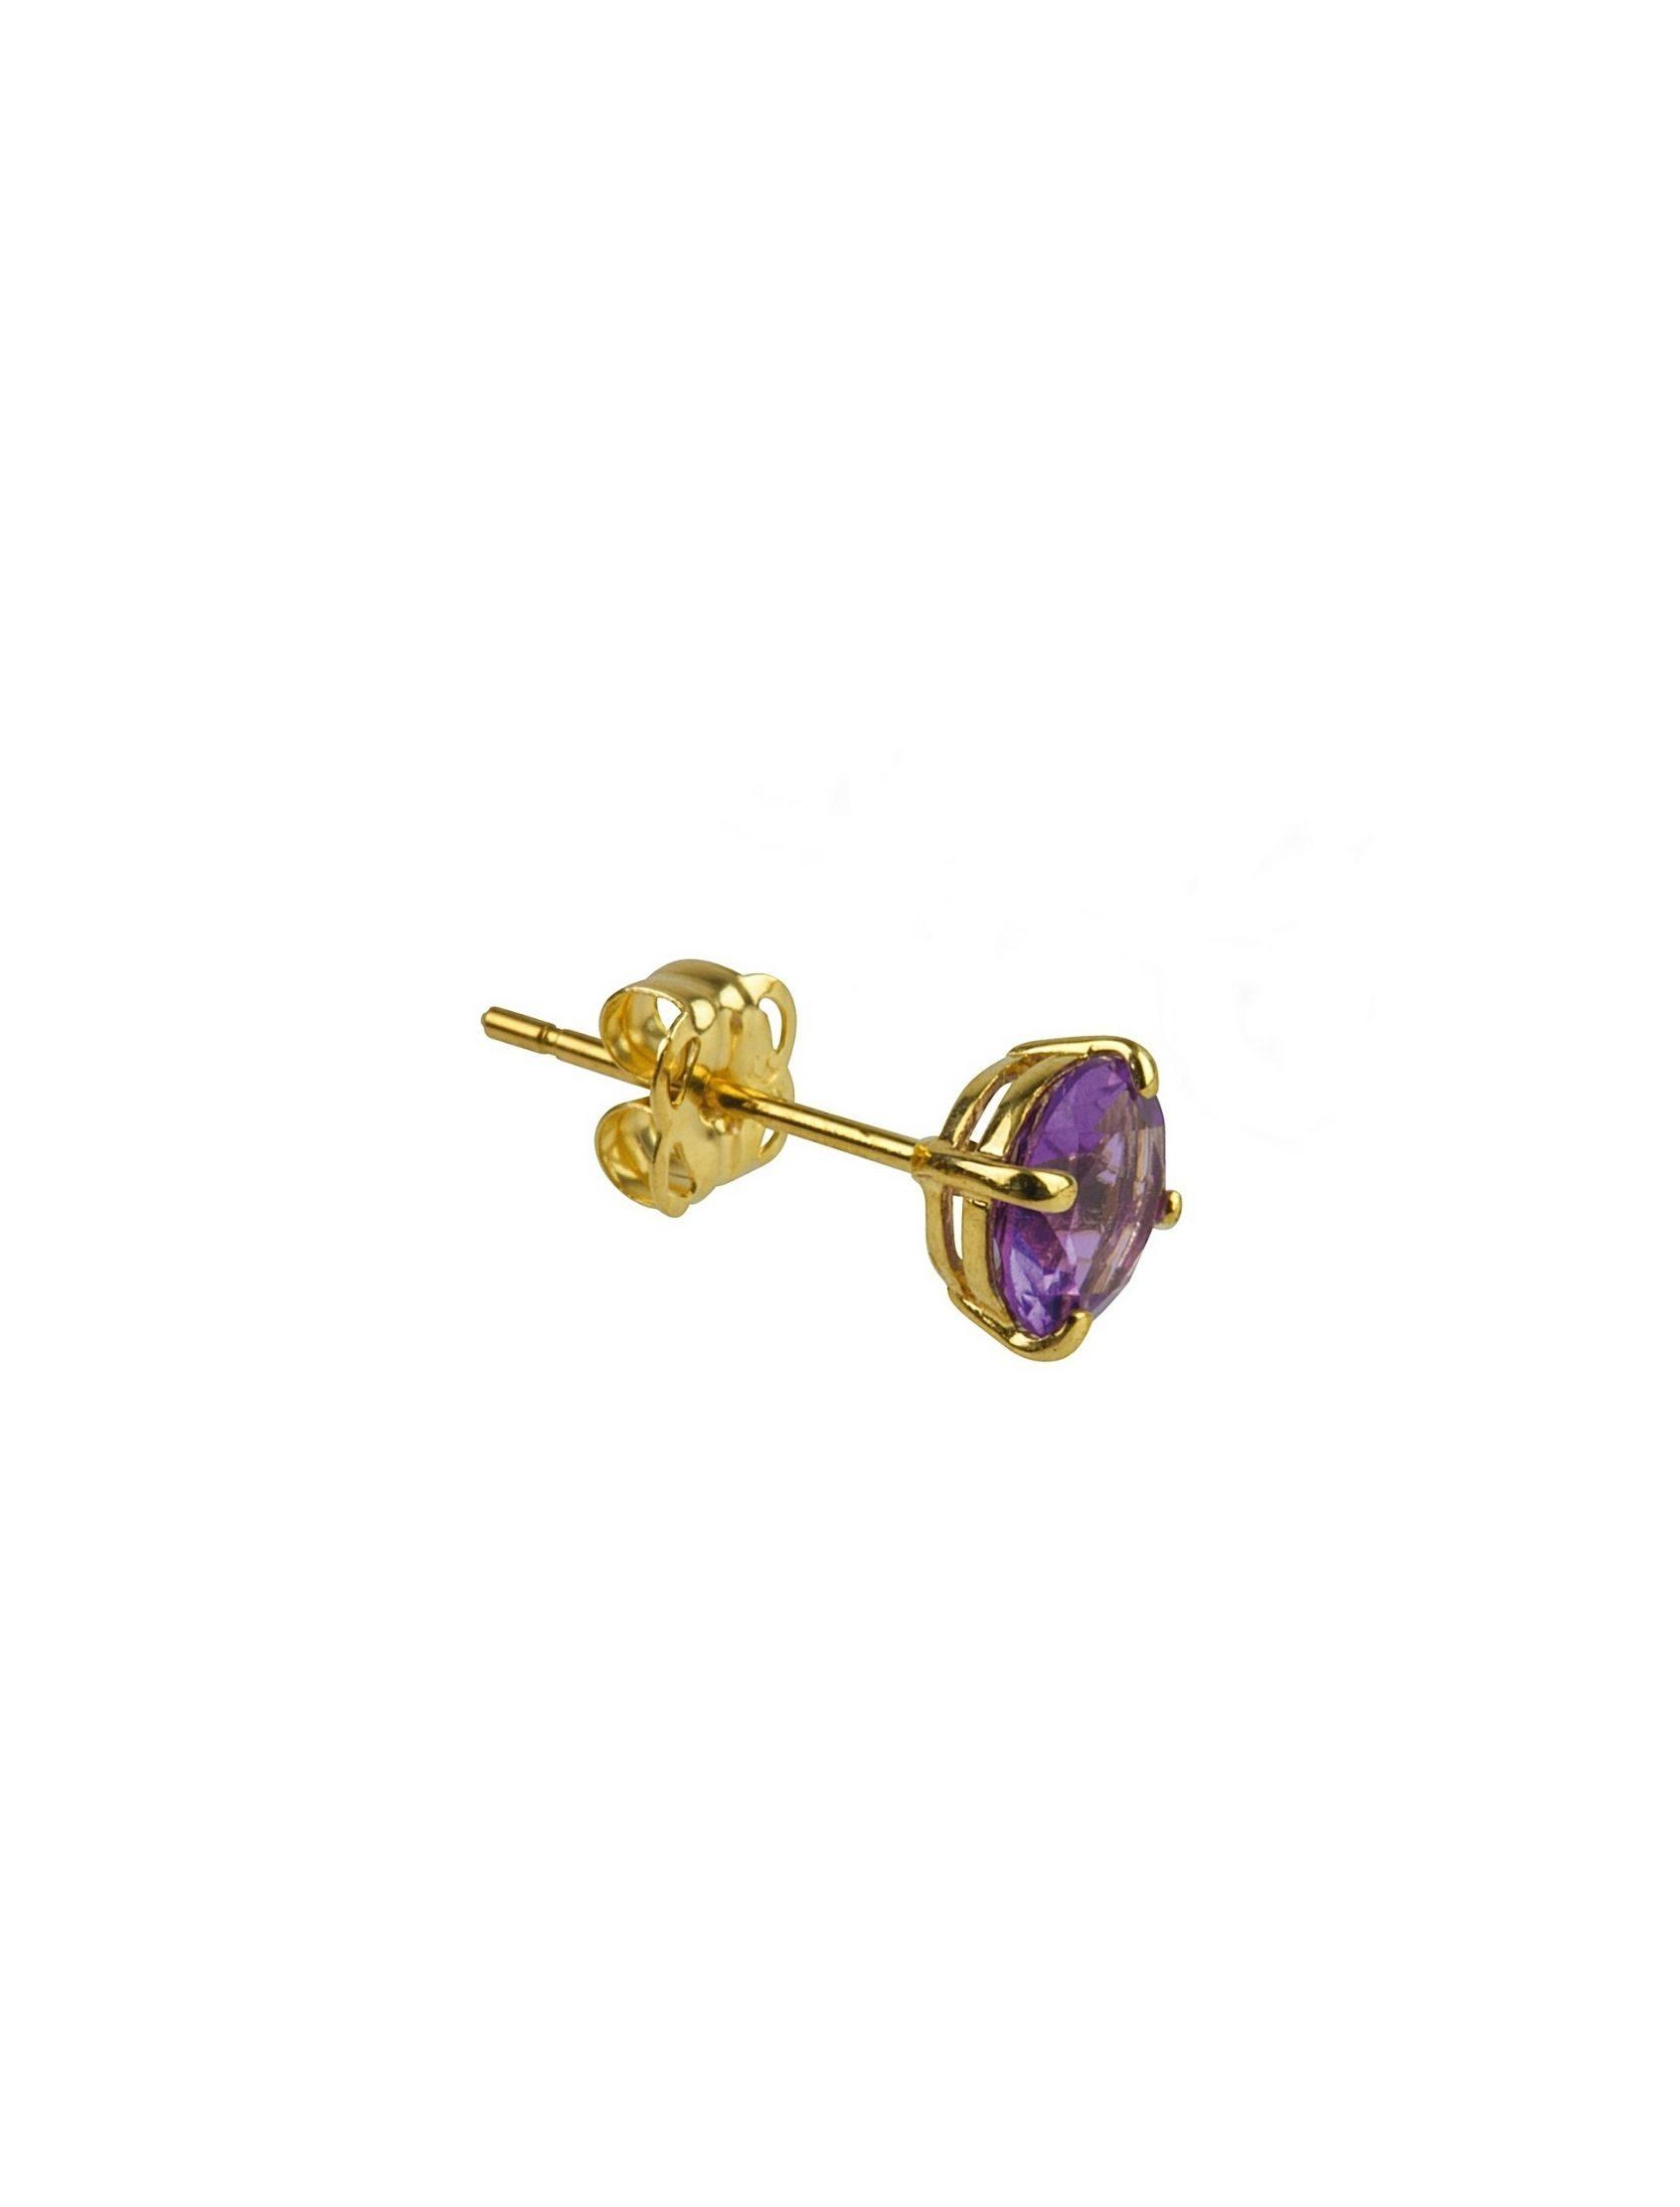 mini pendiente oro con circonita violeta ideal para combinar con otros